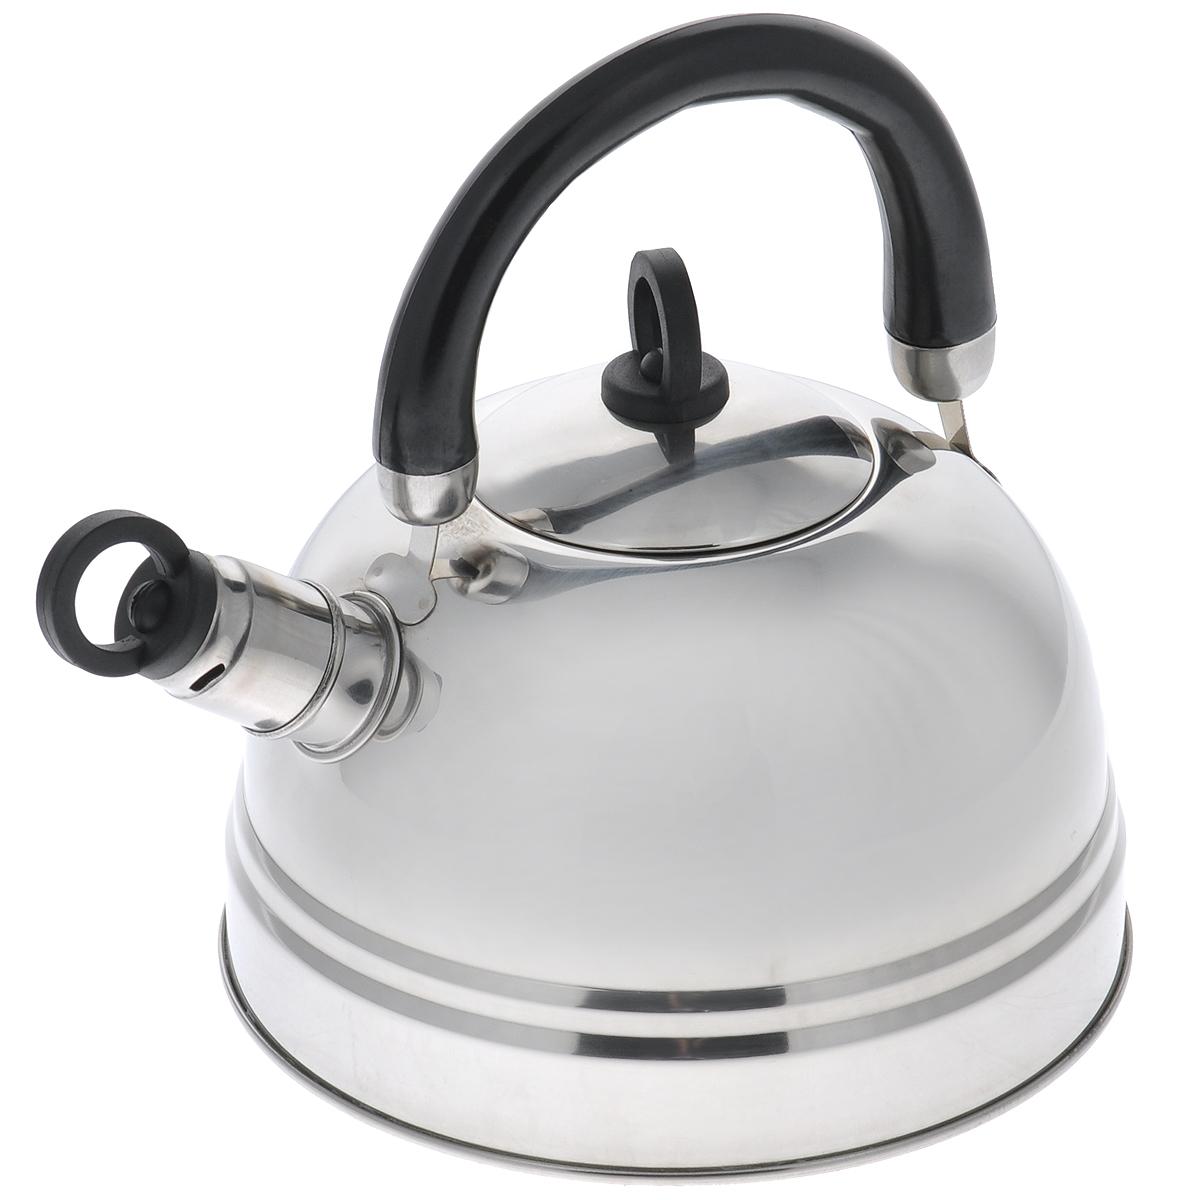 Чайник Bekker Koch, со свистком, цвет: черный, 2,5 л. BK-S367MBK-S367МчёрныйЧайник Bekker Koch изготовлен из высококачественной нержавеющей стали с зеркальной полировкой. Капсулированное дно распределяет тепло по всей поверхности, что позволяет чайнику быстро закипать. Эргономичная подвижная ручка выполнена из бакелита оригинального дизайна. Носик оснащен съемным свистком, который подскажет, когда вода закипела. Можно мыть мыть в посудомоечной машине. Толщина стенок: 0,4 мм. Высота чайника (без учета ручки): 12 см. Высота чайника (с учетом ручки): 22,5 см.